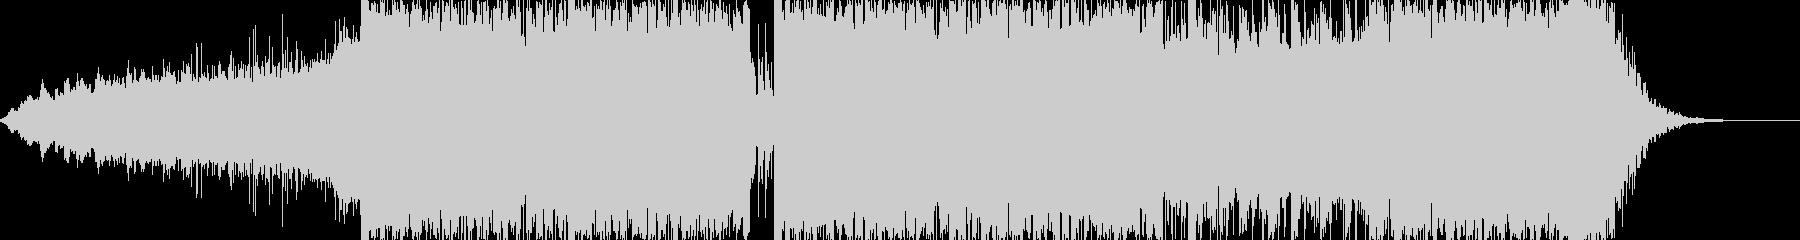 低音の効いた登場曲の未再生の波形